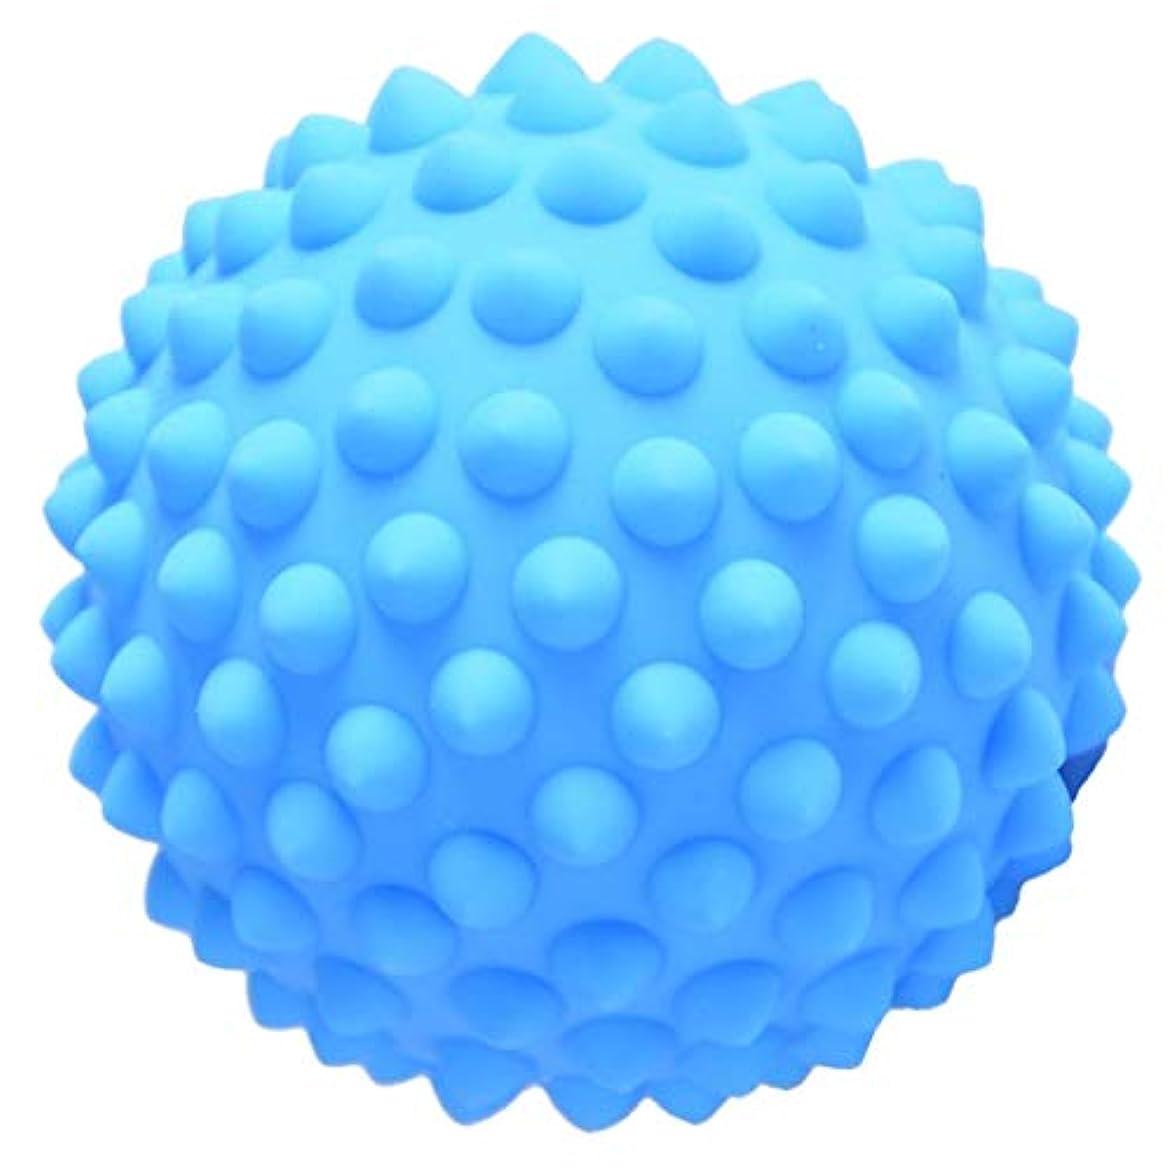 用心アレキサンダーグラハムベル経験者Hellery ハードPVC 9センチのとがったマッサージローラーボール指圧ボディリラクゼーションマッサージ - 青, 説明のとおり